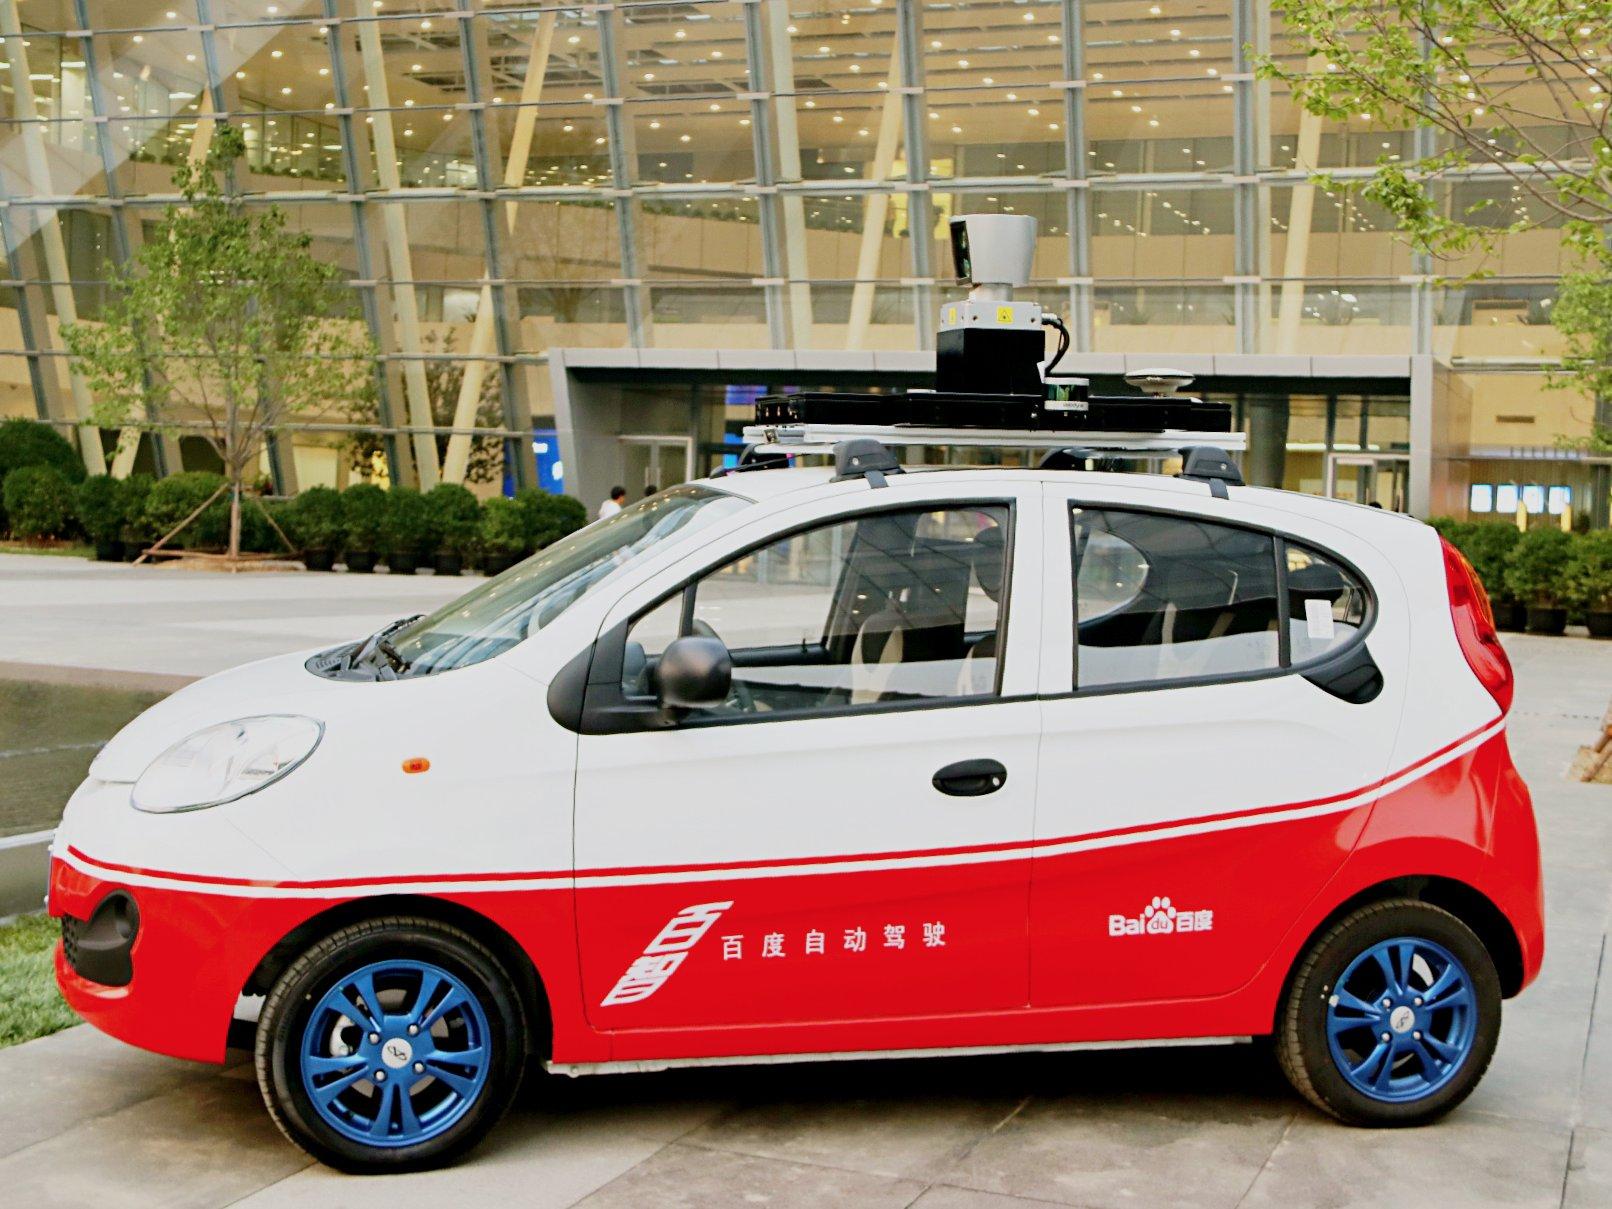 Компания Baidu обещает вывести нарынок беспилотный транспорт уже в2018г